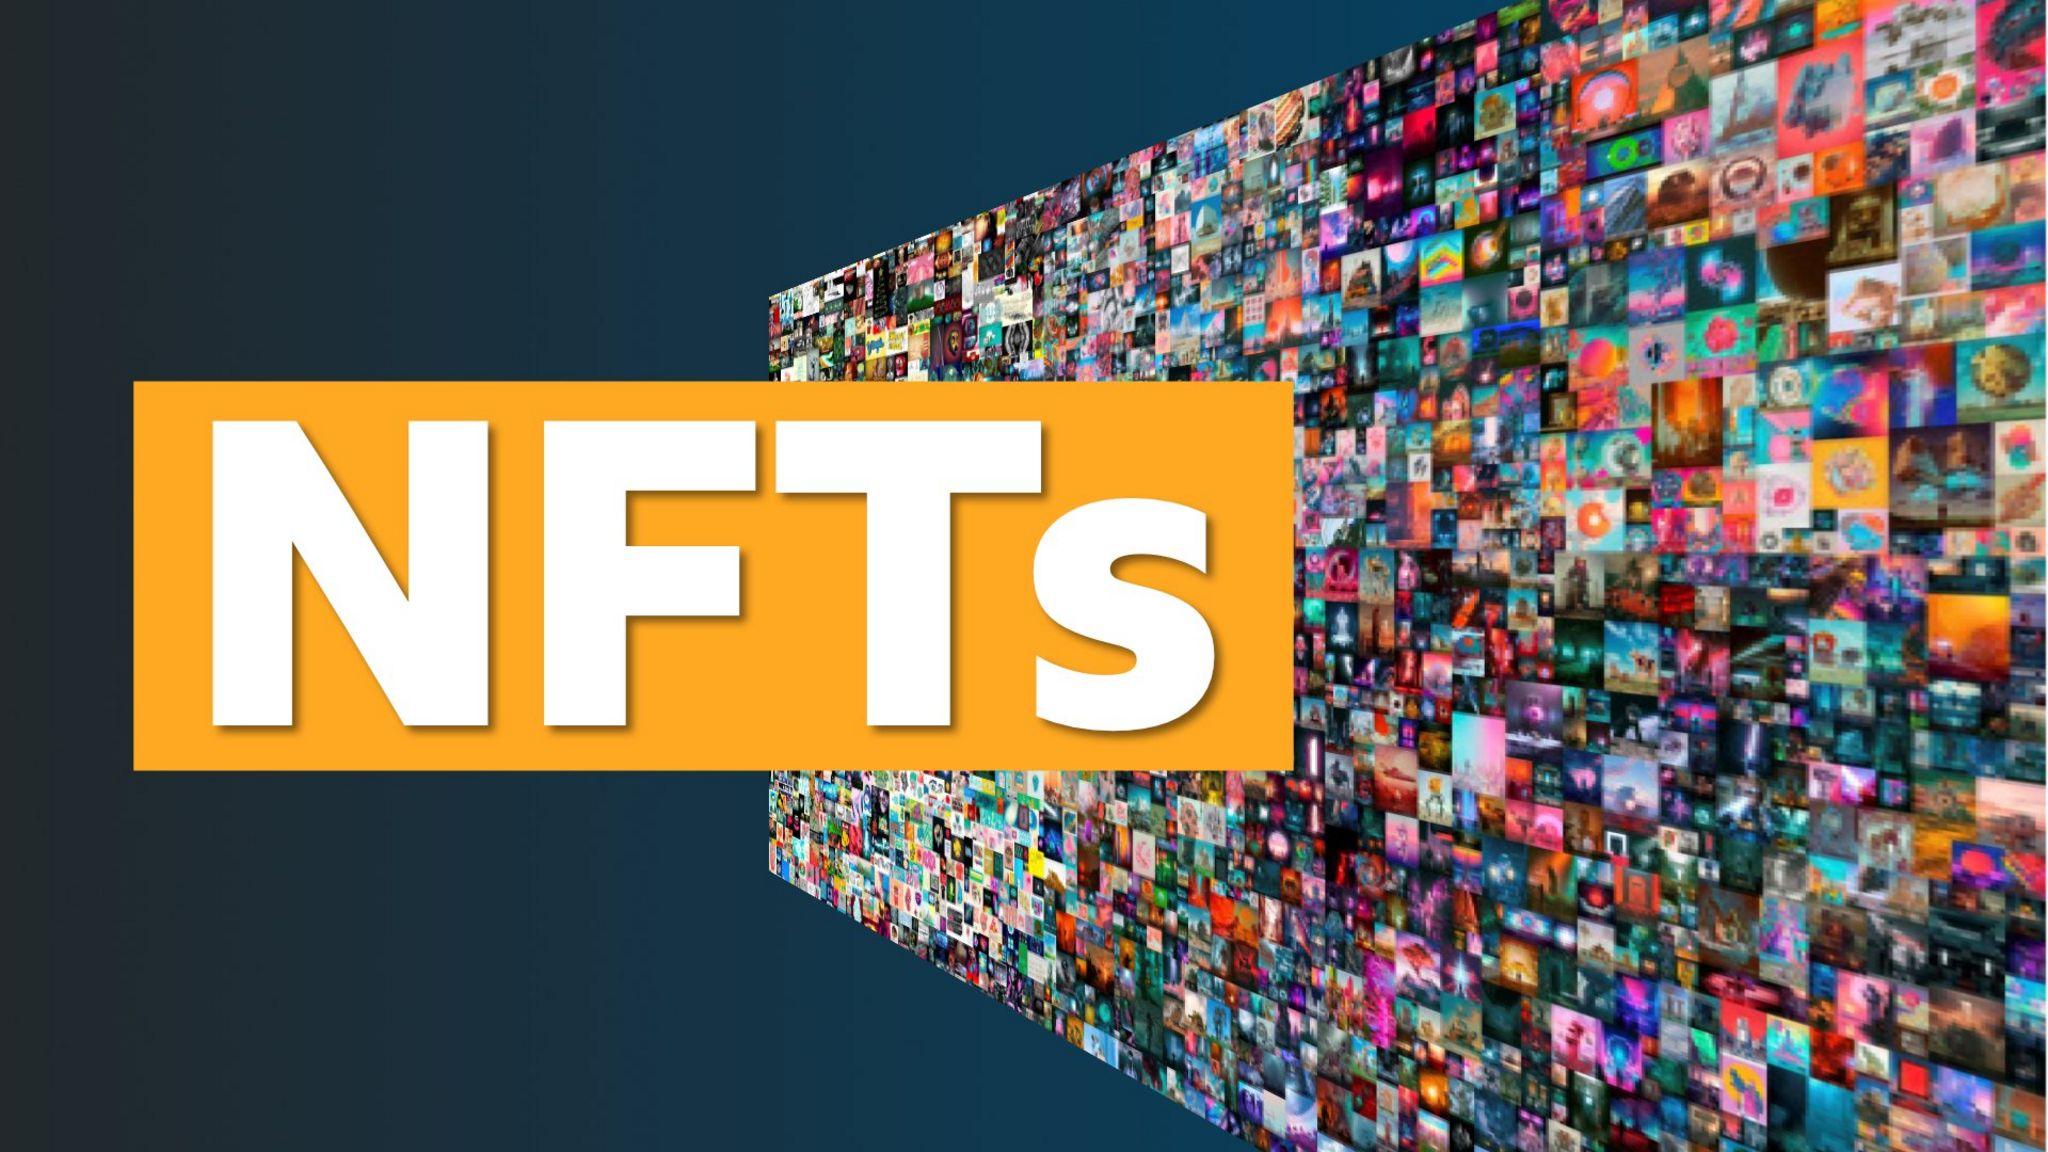 Cơn sốt NFT là gì? Có những đồng NFT nào? NFT Art là gì? | Money24h